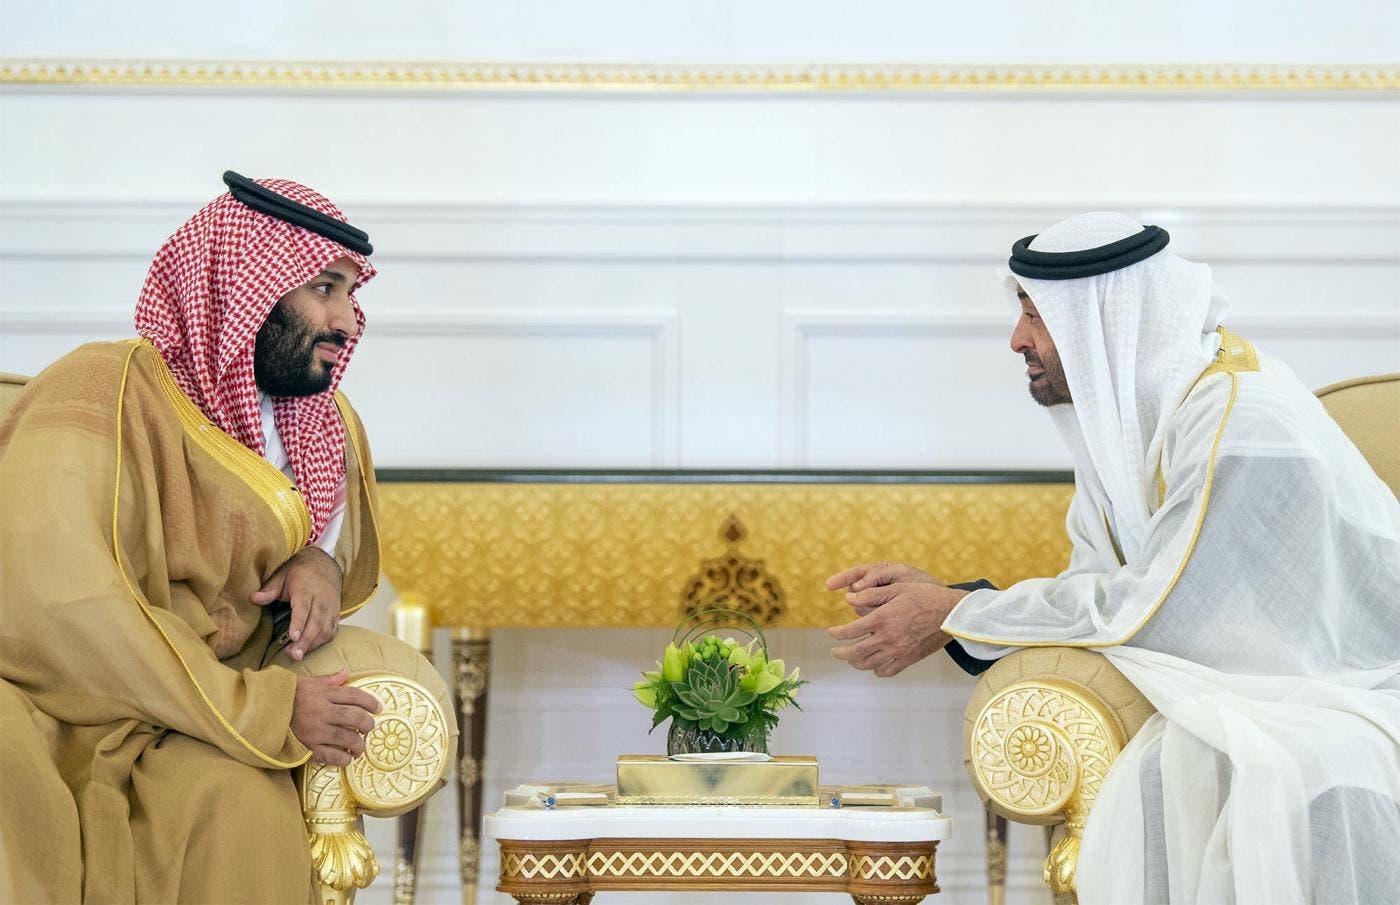 Qorshaha Bin Salman iyo Bin Zayed ee Israel oo ku qasbi kara inay la heshiiyaan Qatar